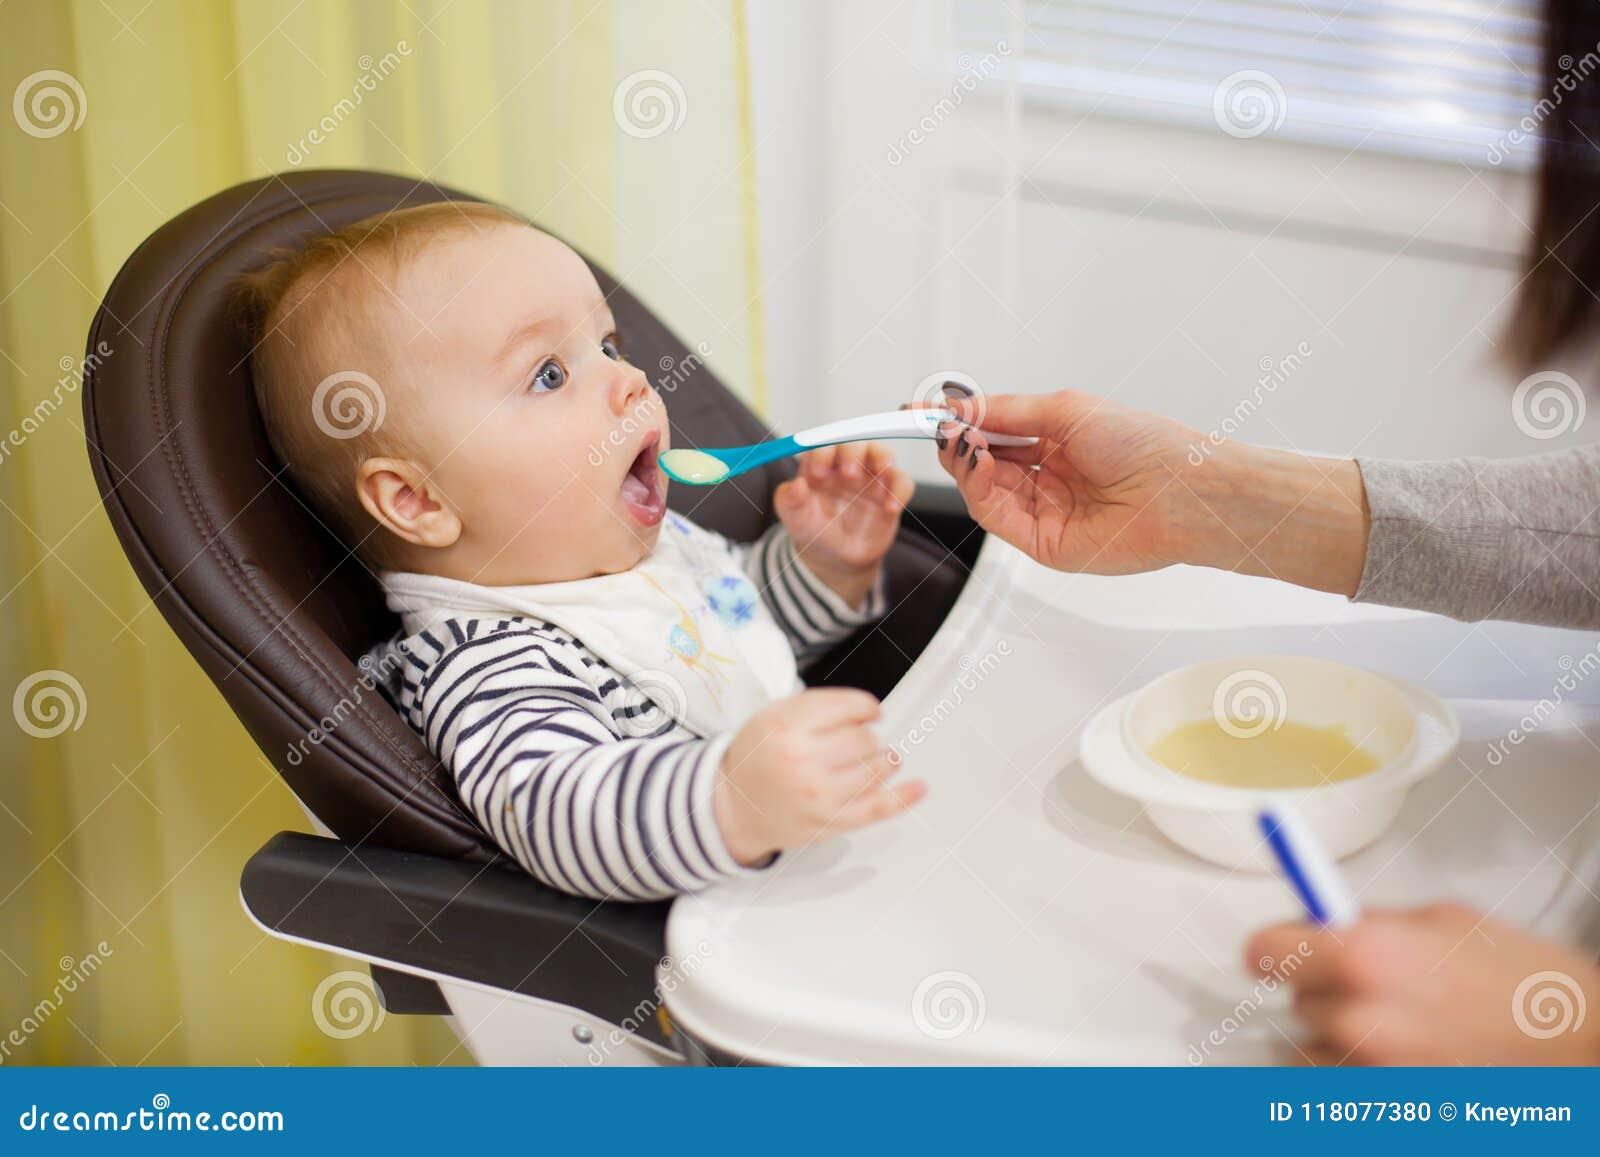 Mãe nova que alimenta seu filho pequeno do bebê com papa de aveia, que se sentando na cadeira alta do bebê para alimentar